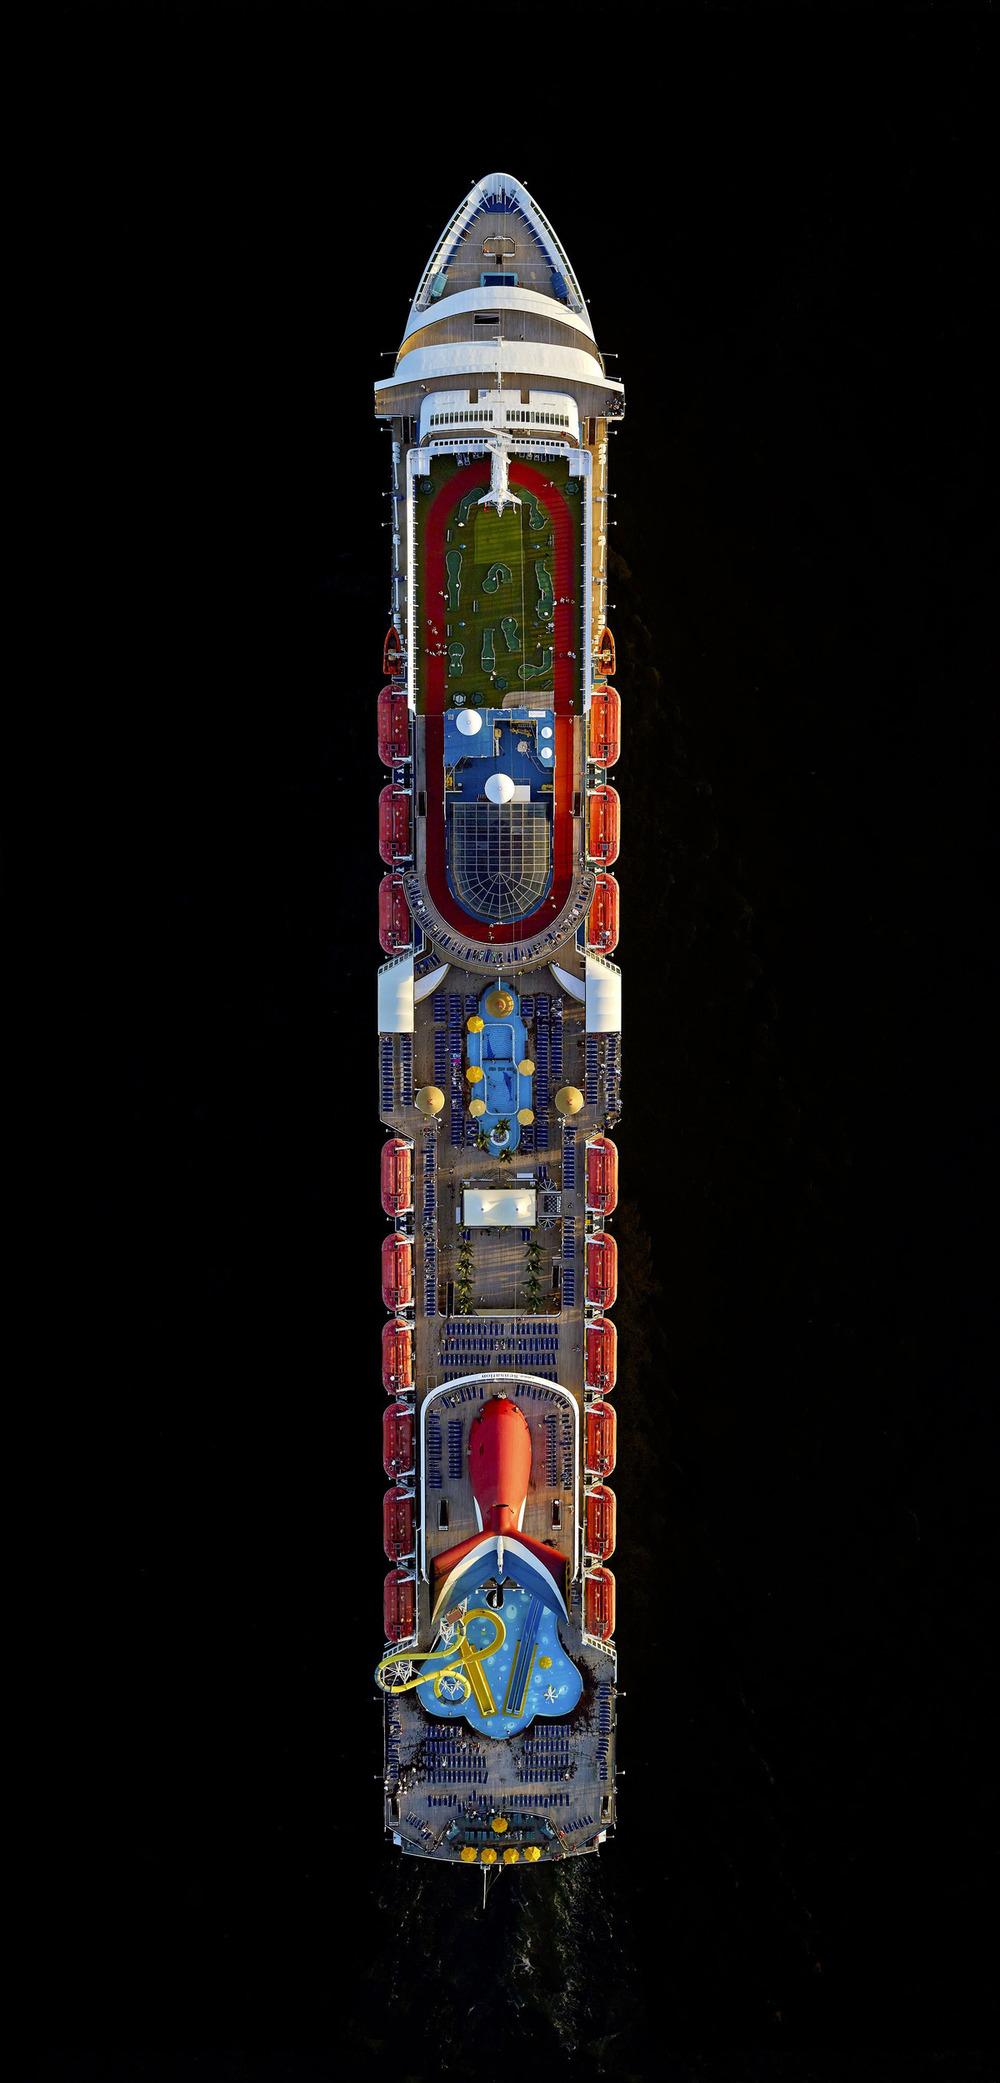 Cruise-ships-1.jpg